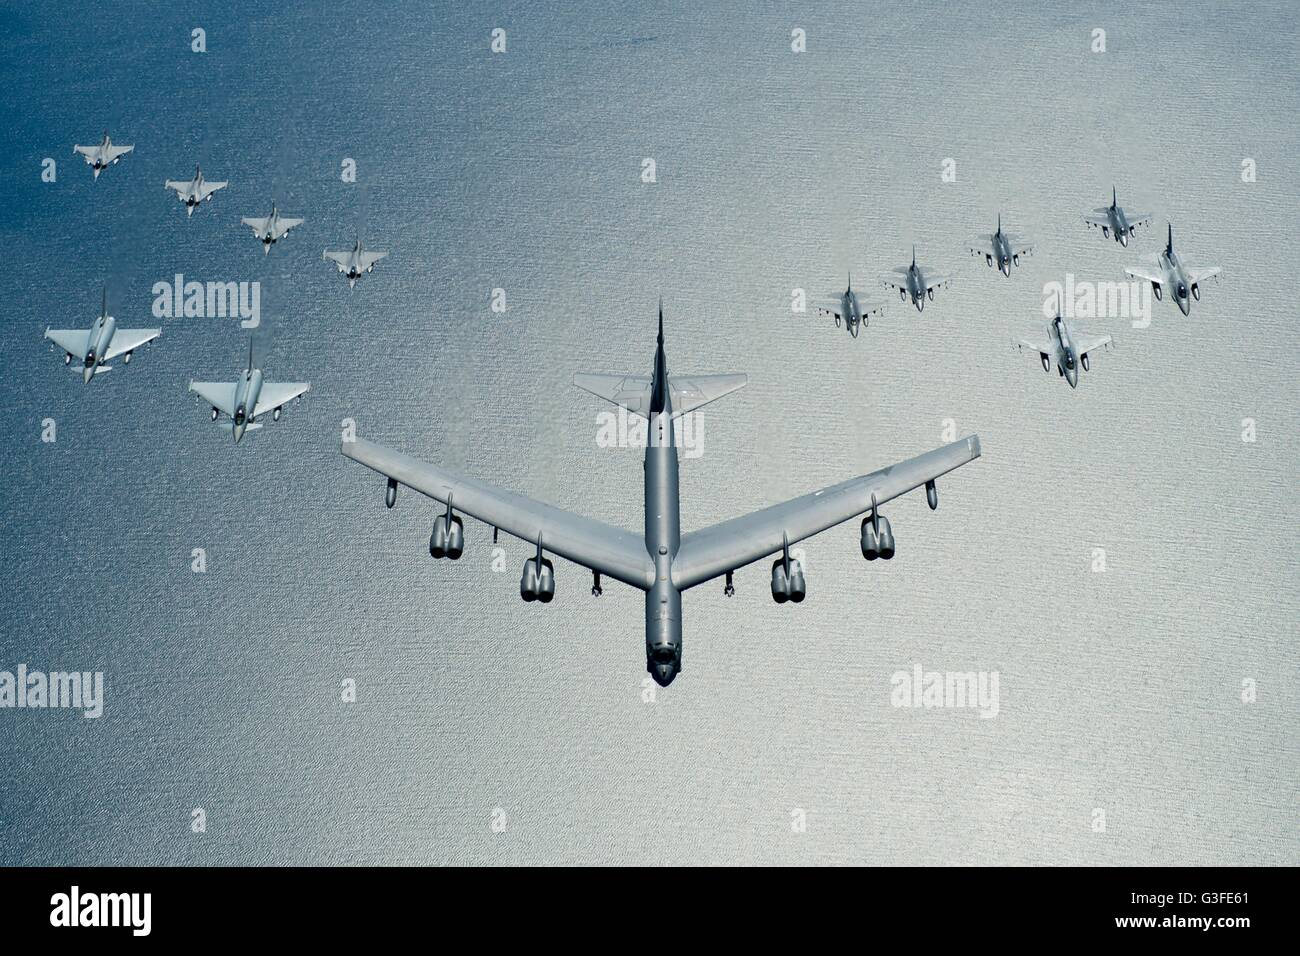 Ungewöhnlich 787 Mit Dem Drahtseil Fliegen Ideen - Schaltplan Serie ...